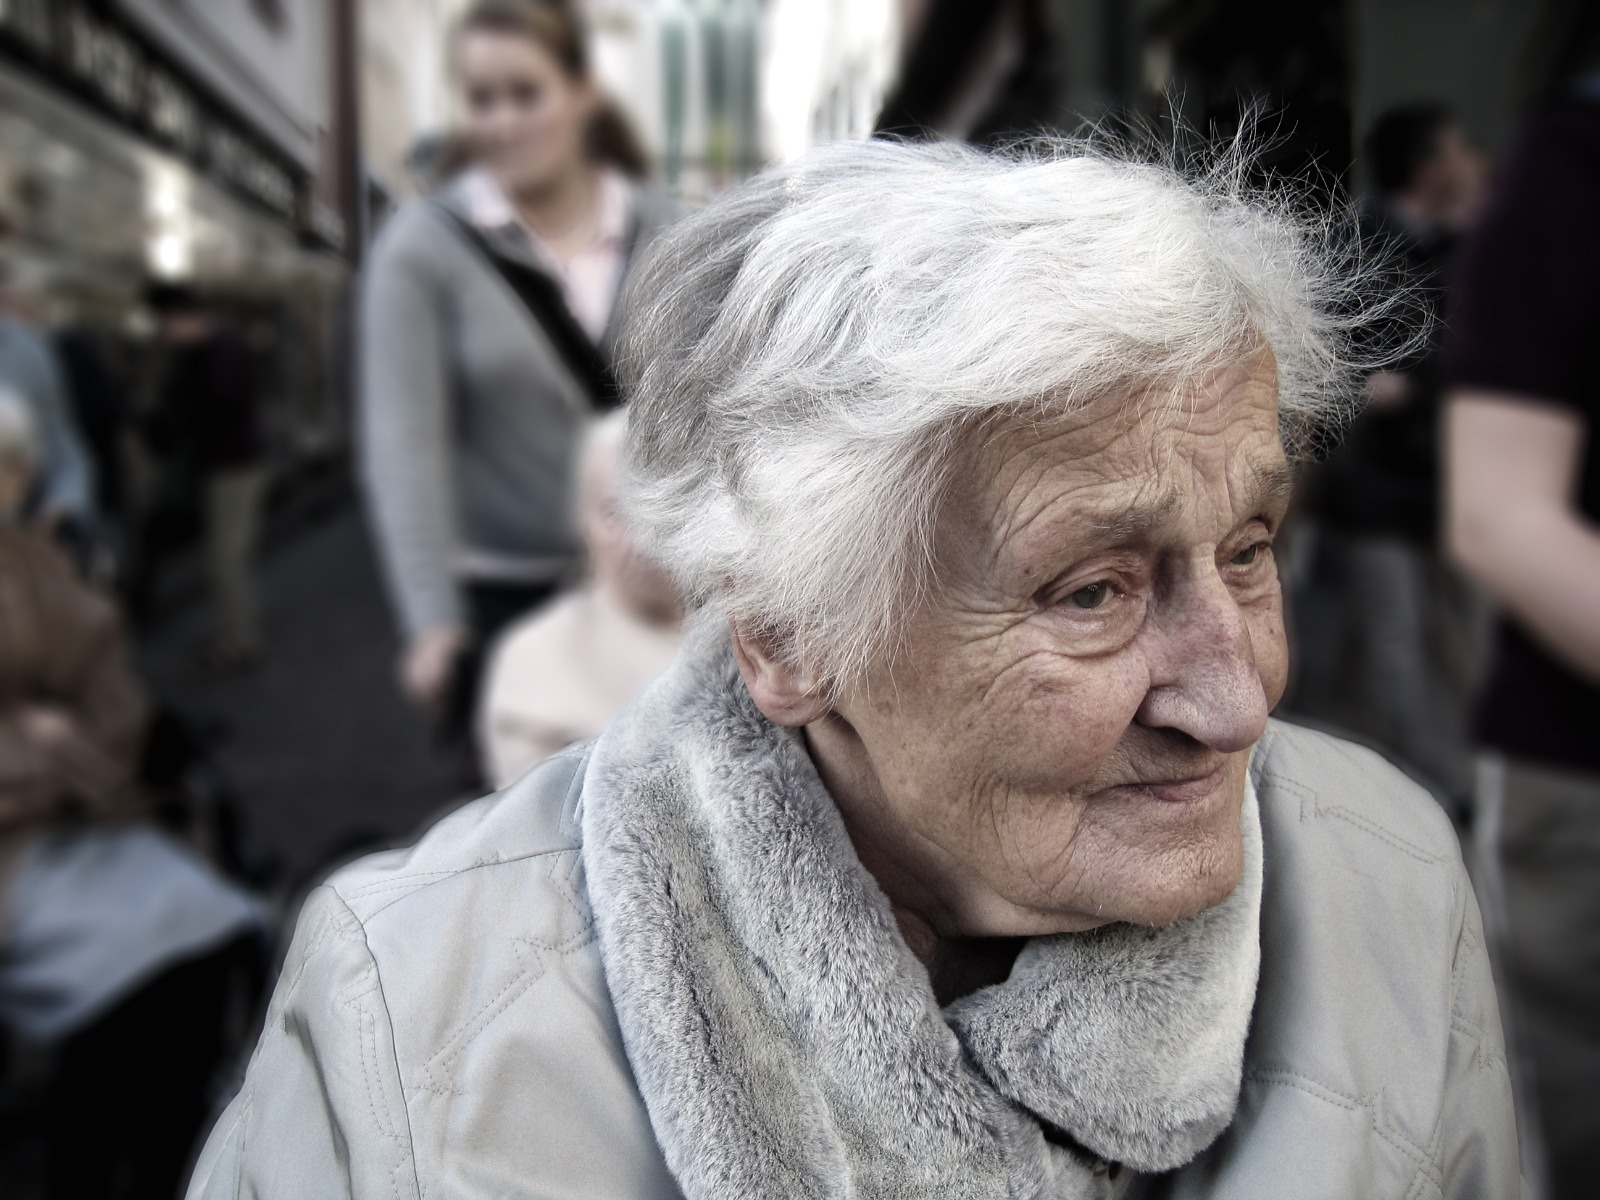 Elderly lady - costs of elder care - motherdistracted.co.uk